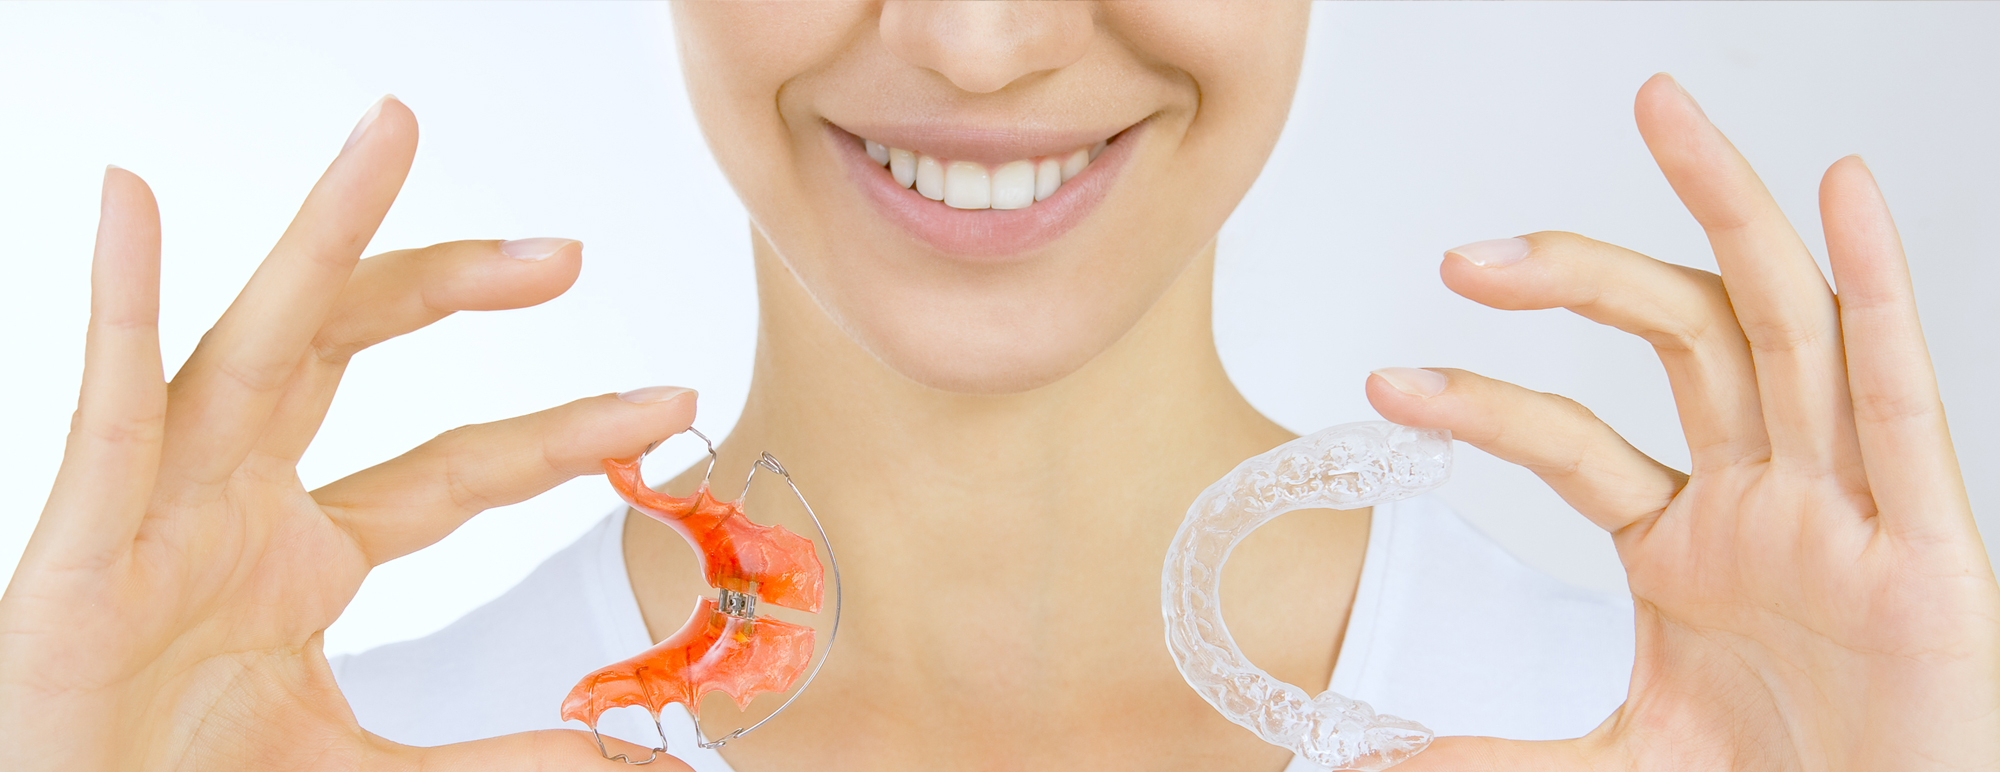 Orthodontie94 Choisy le Roi Femme souriante dents parfaits esthetique invisaline invisible transparent